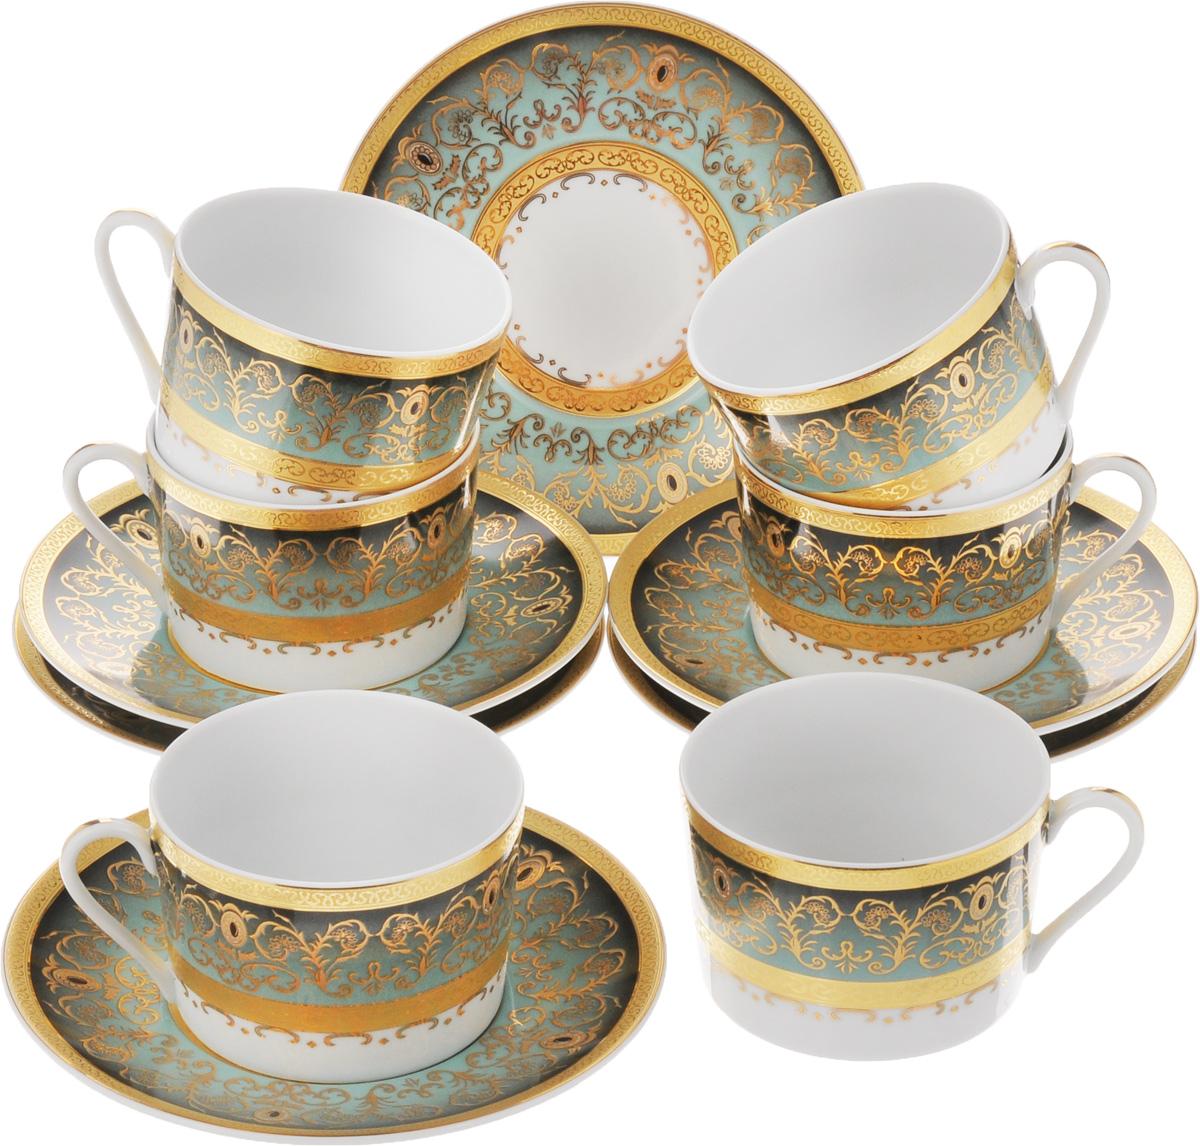 Набор чайный Yves De La Rosiere Mimosa, цвет: зеленый, золотистый, 12 предметов539506 1643Чайный набор Yves De La Rosiere Mimosa состоит из 6 чашек и 6 блюдец, изготовленных из высококачественного фарфора. Такой набор прекрасно дополнит сервировку стола к чаепитию, а также станет замечательным подарком для ваших друзей и близких. Объем чашки: 220 мл. Диаметр чашки по верхнему краю: 9 см. Высота чашки: 6 см. Диаметр блюдца: 16 см.Высота блюдца: 2 см.